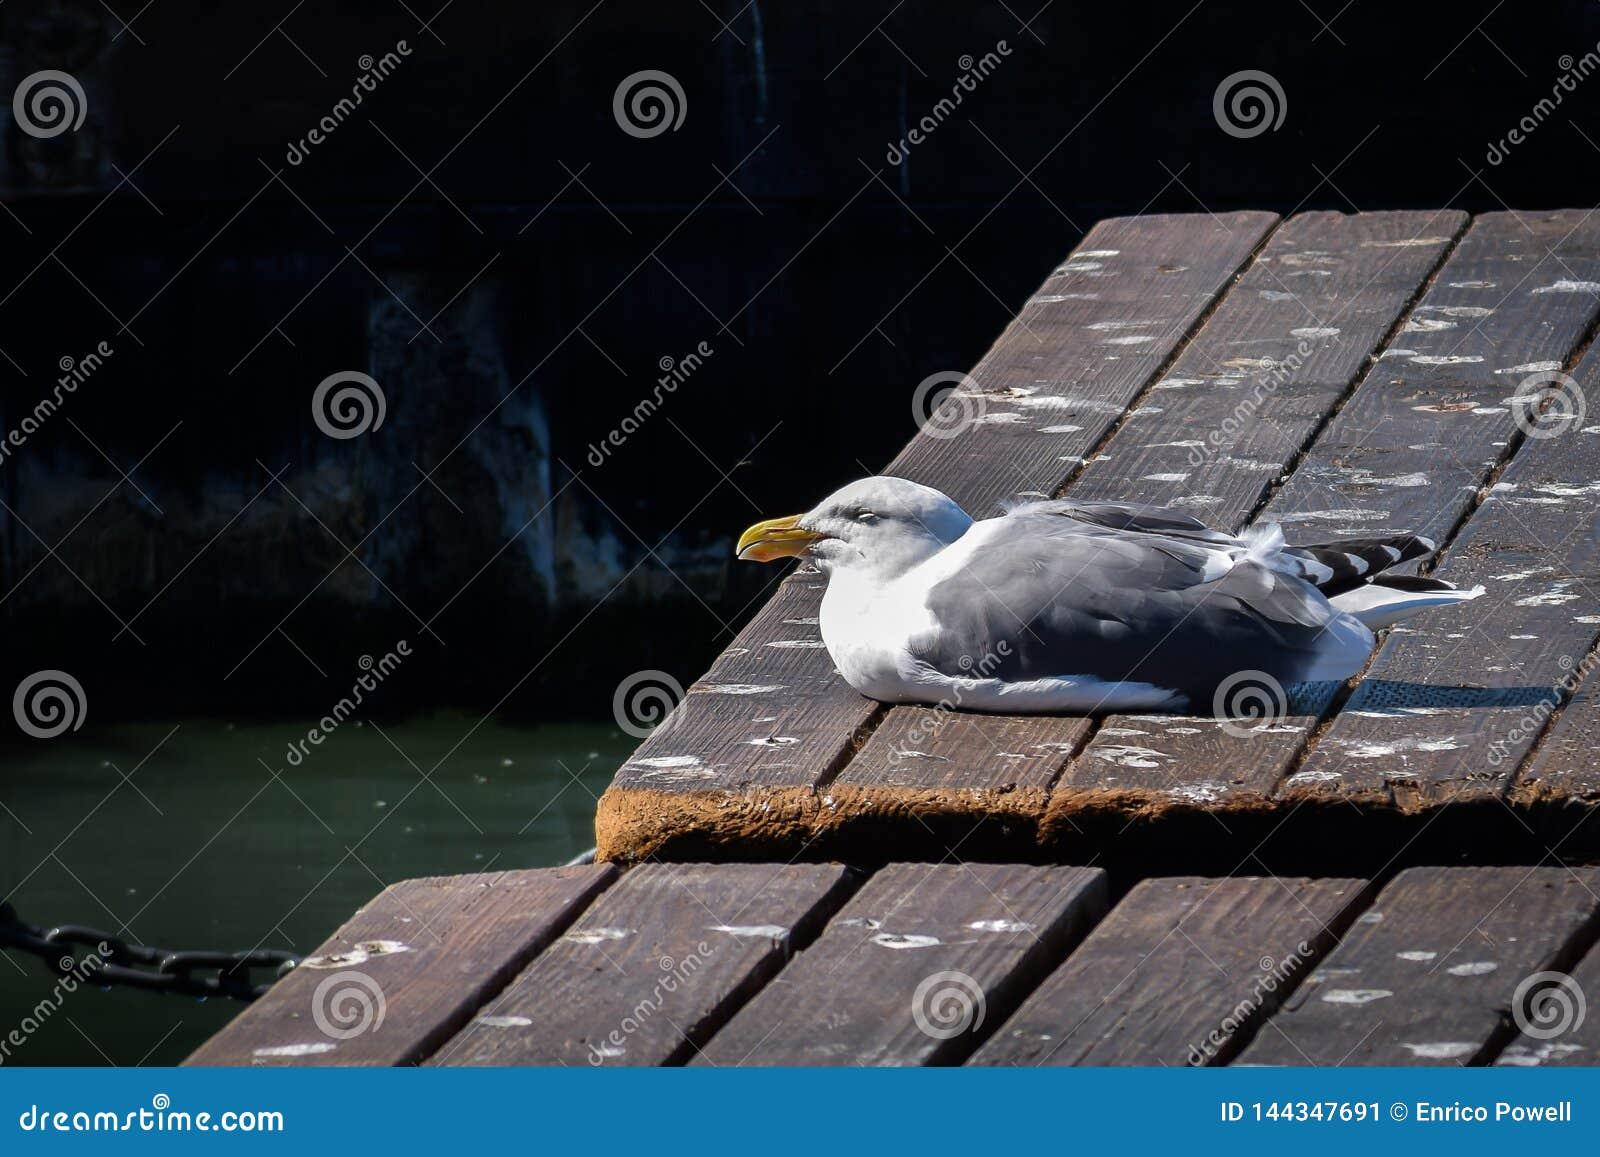 El argentatus del Larus de la gaviota de arenques con los ojos se cerró encaramado en un paseo marítimo